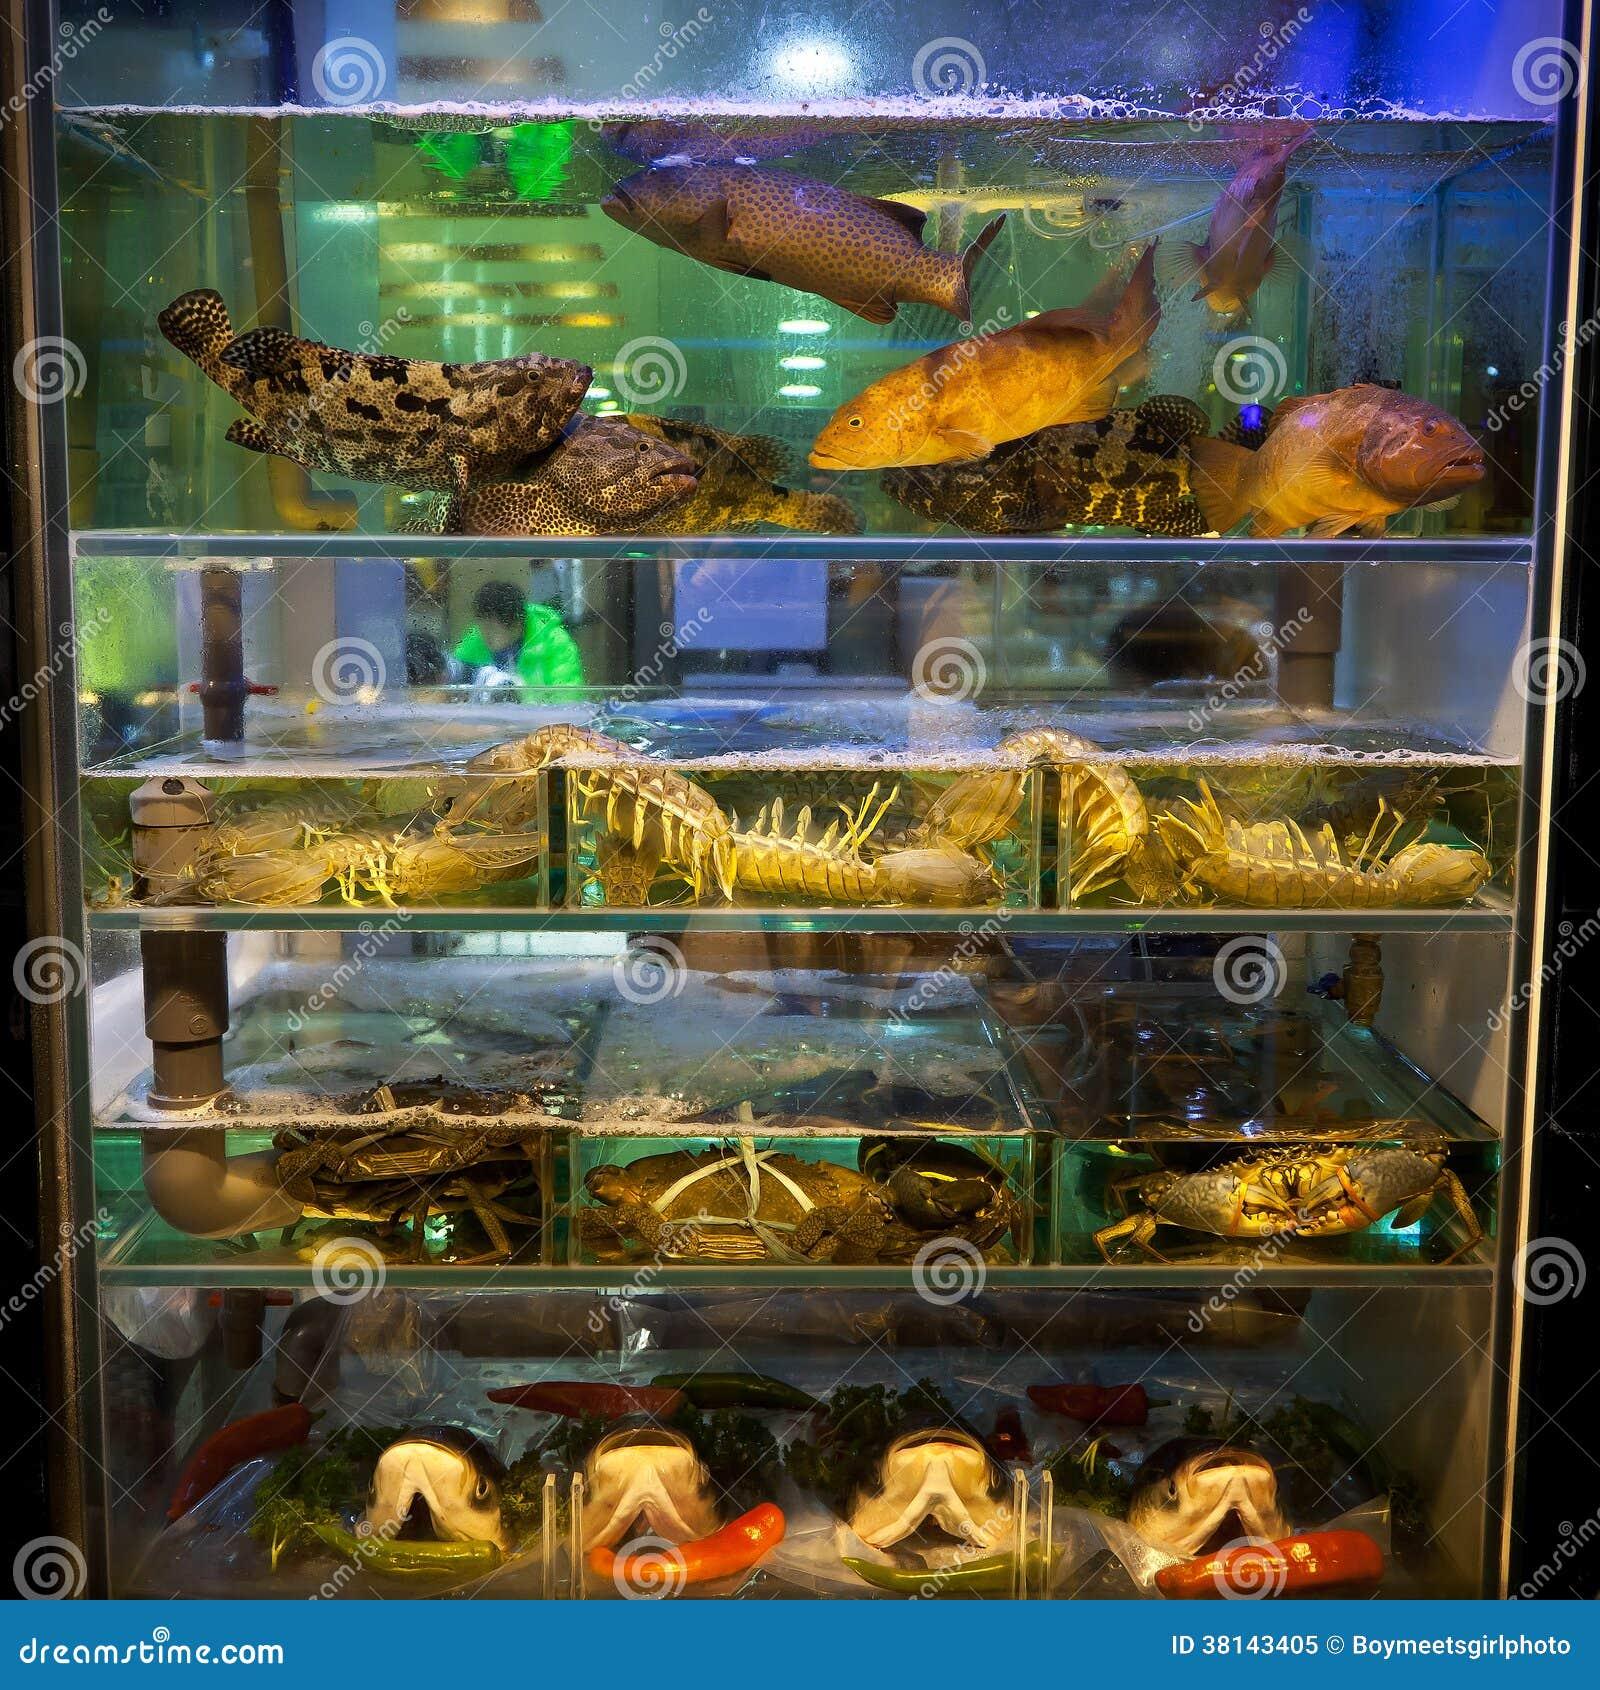 Fish tank hong kong restaurant royalty free stock photo for Outside fish